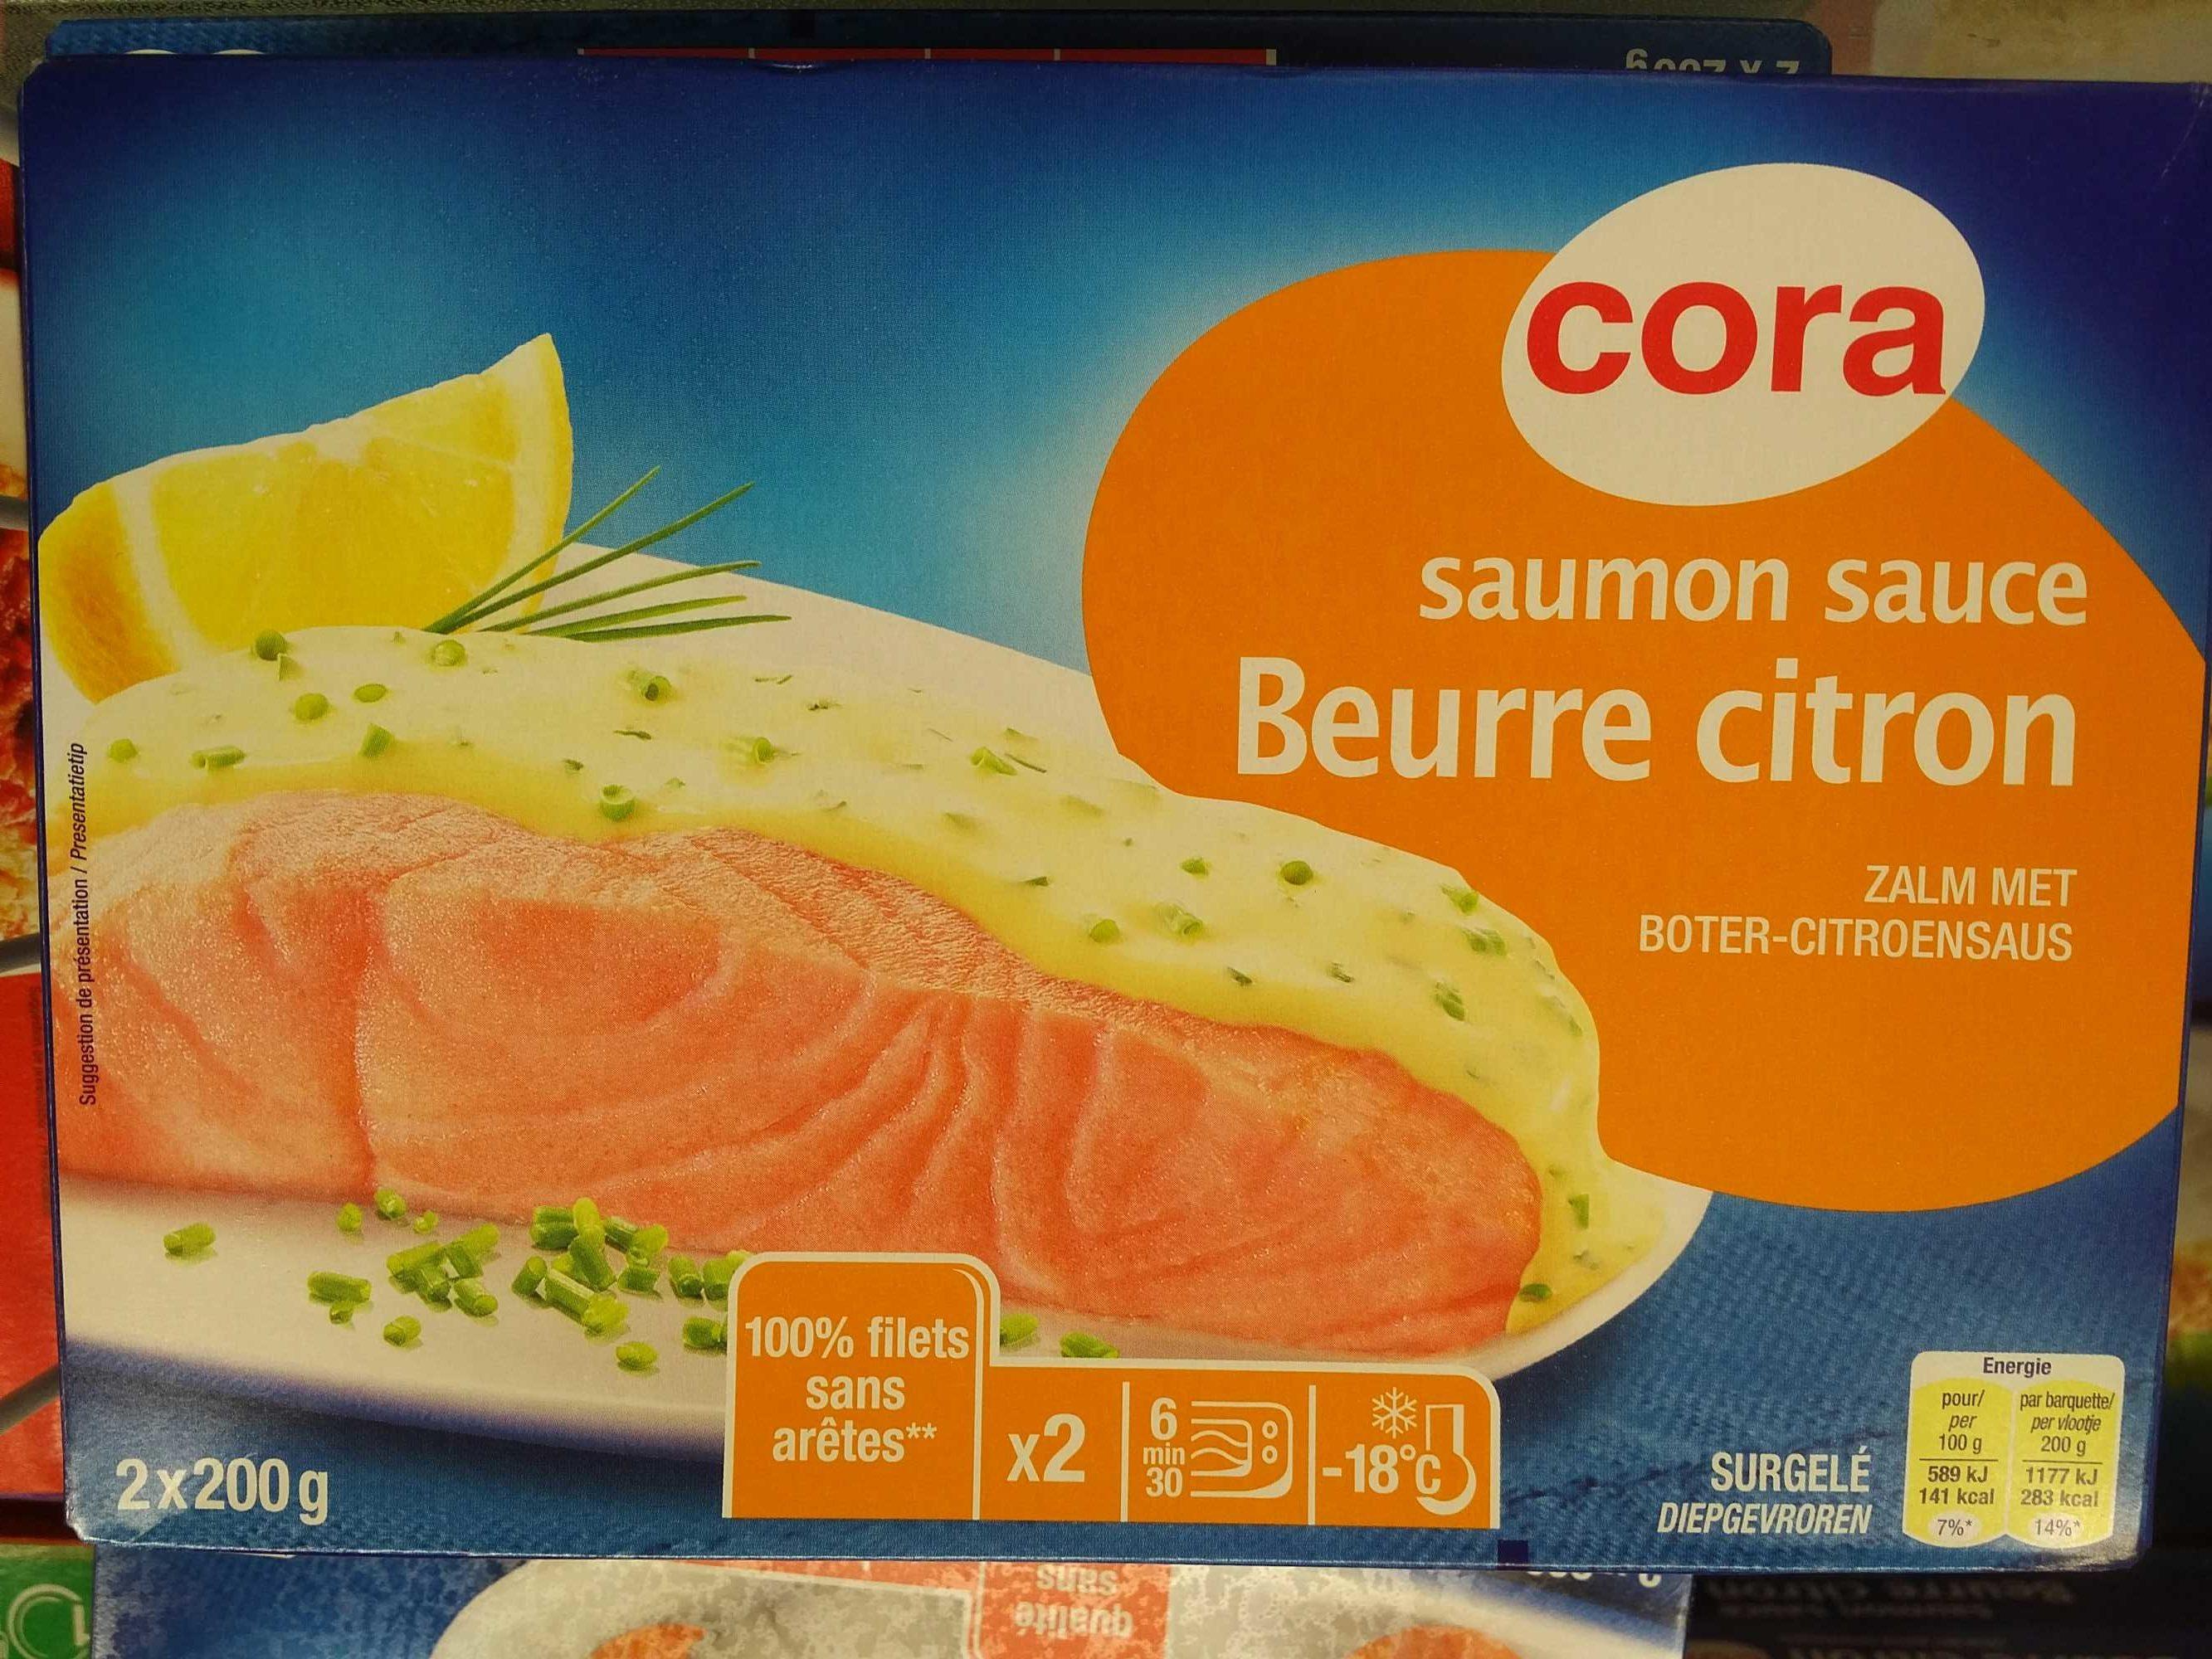 Saumon Sauce Beurre Citron Surgele Cora 400 G 2 200 G